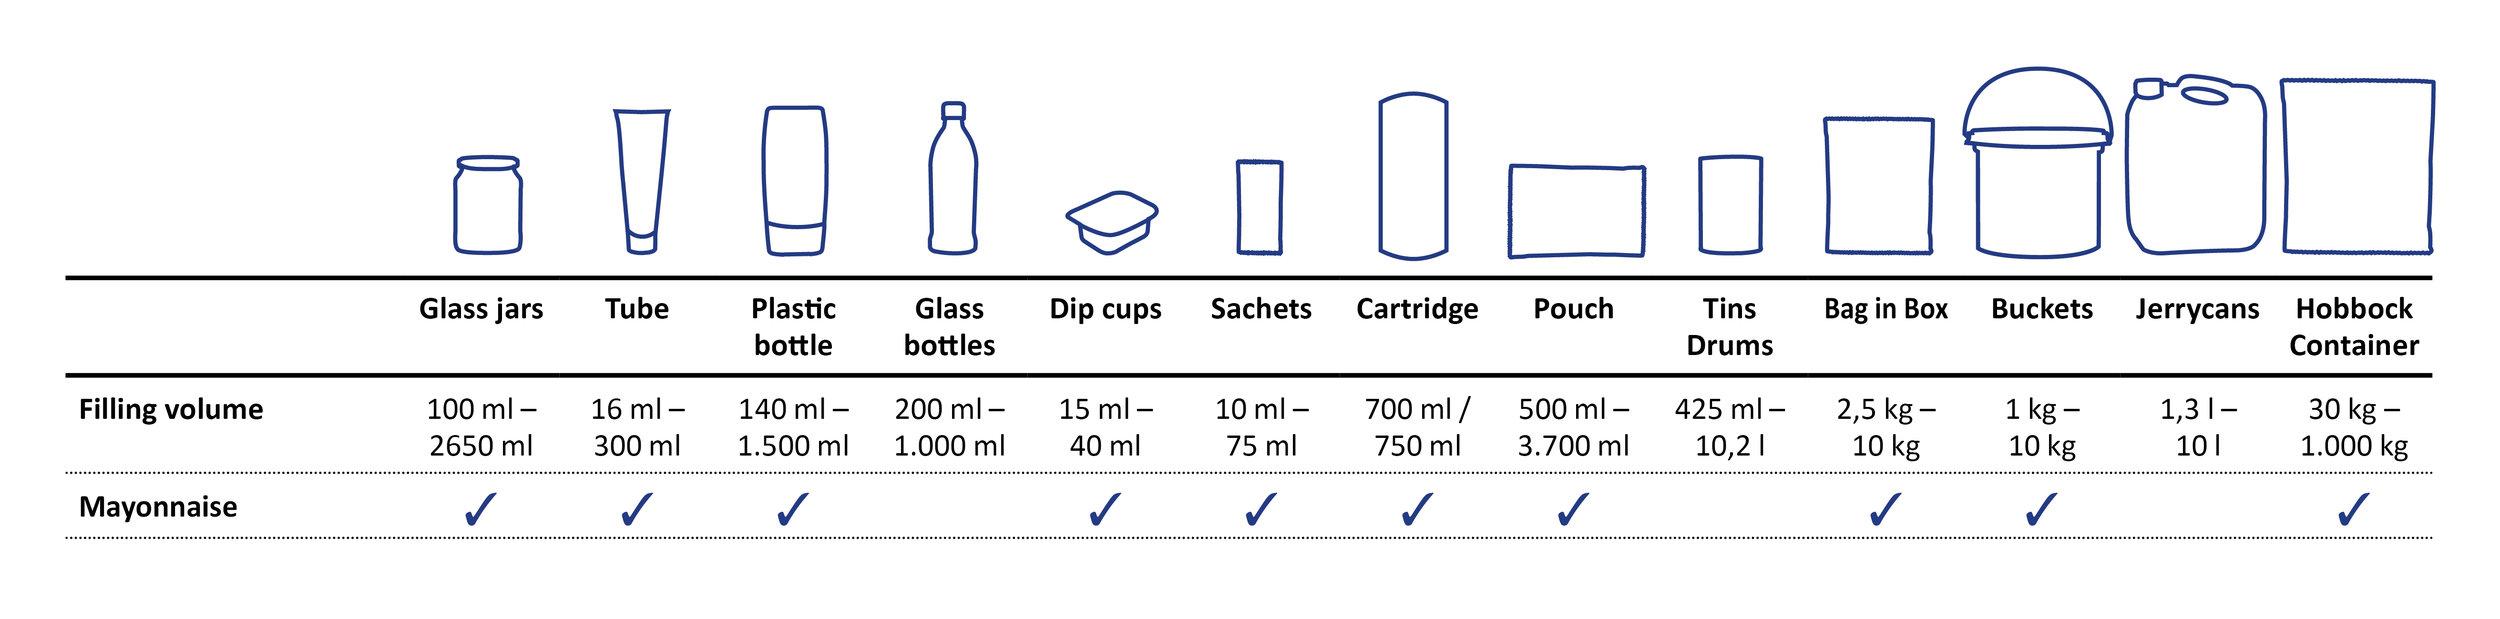 packaging-overview-sueko-mayonnaise.jpg